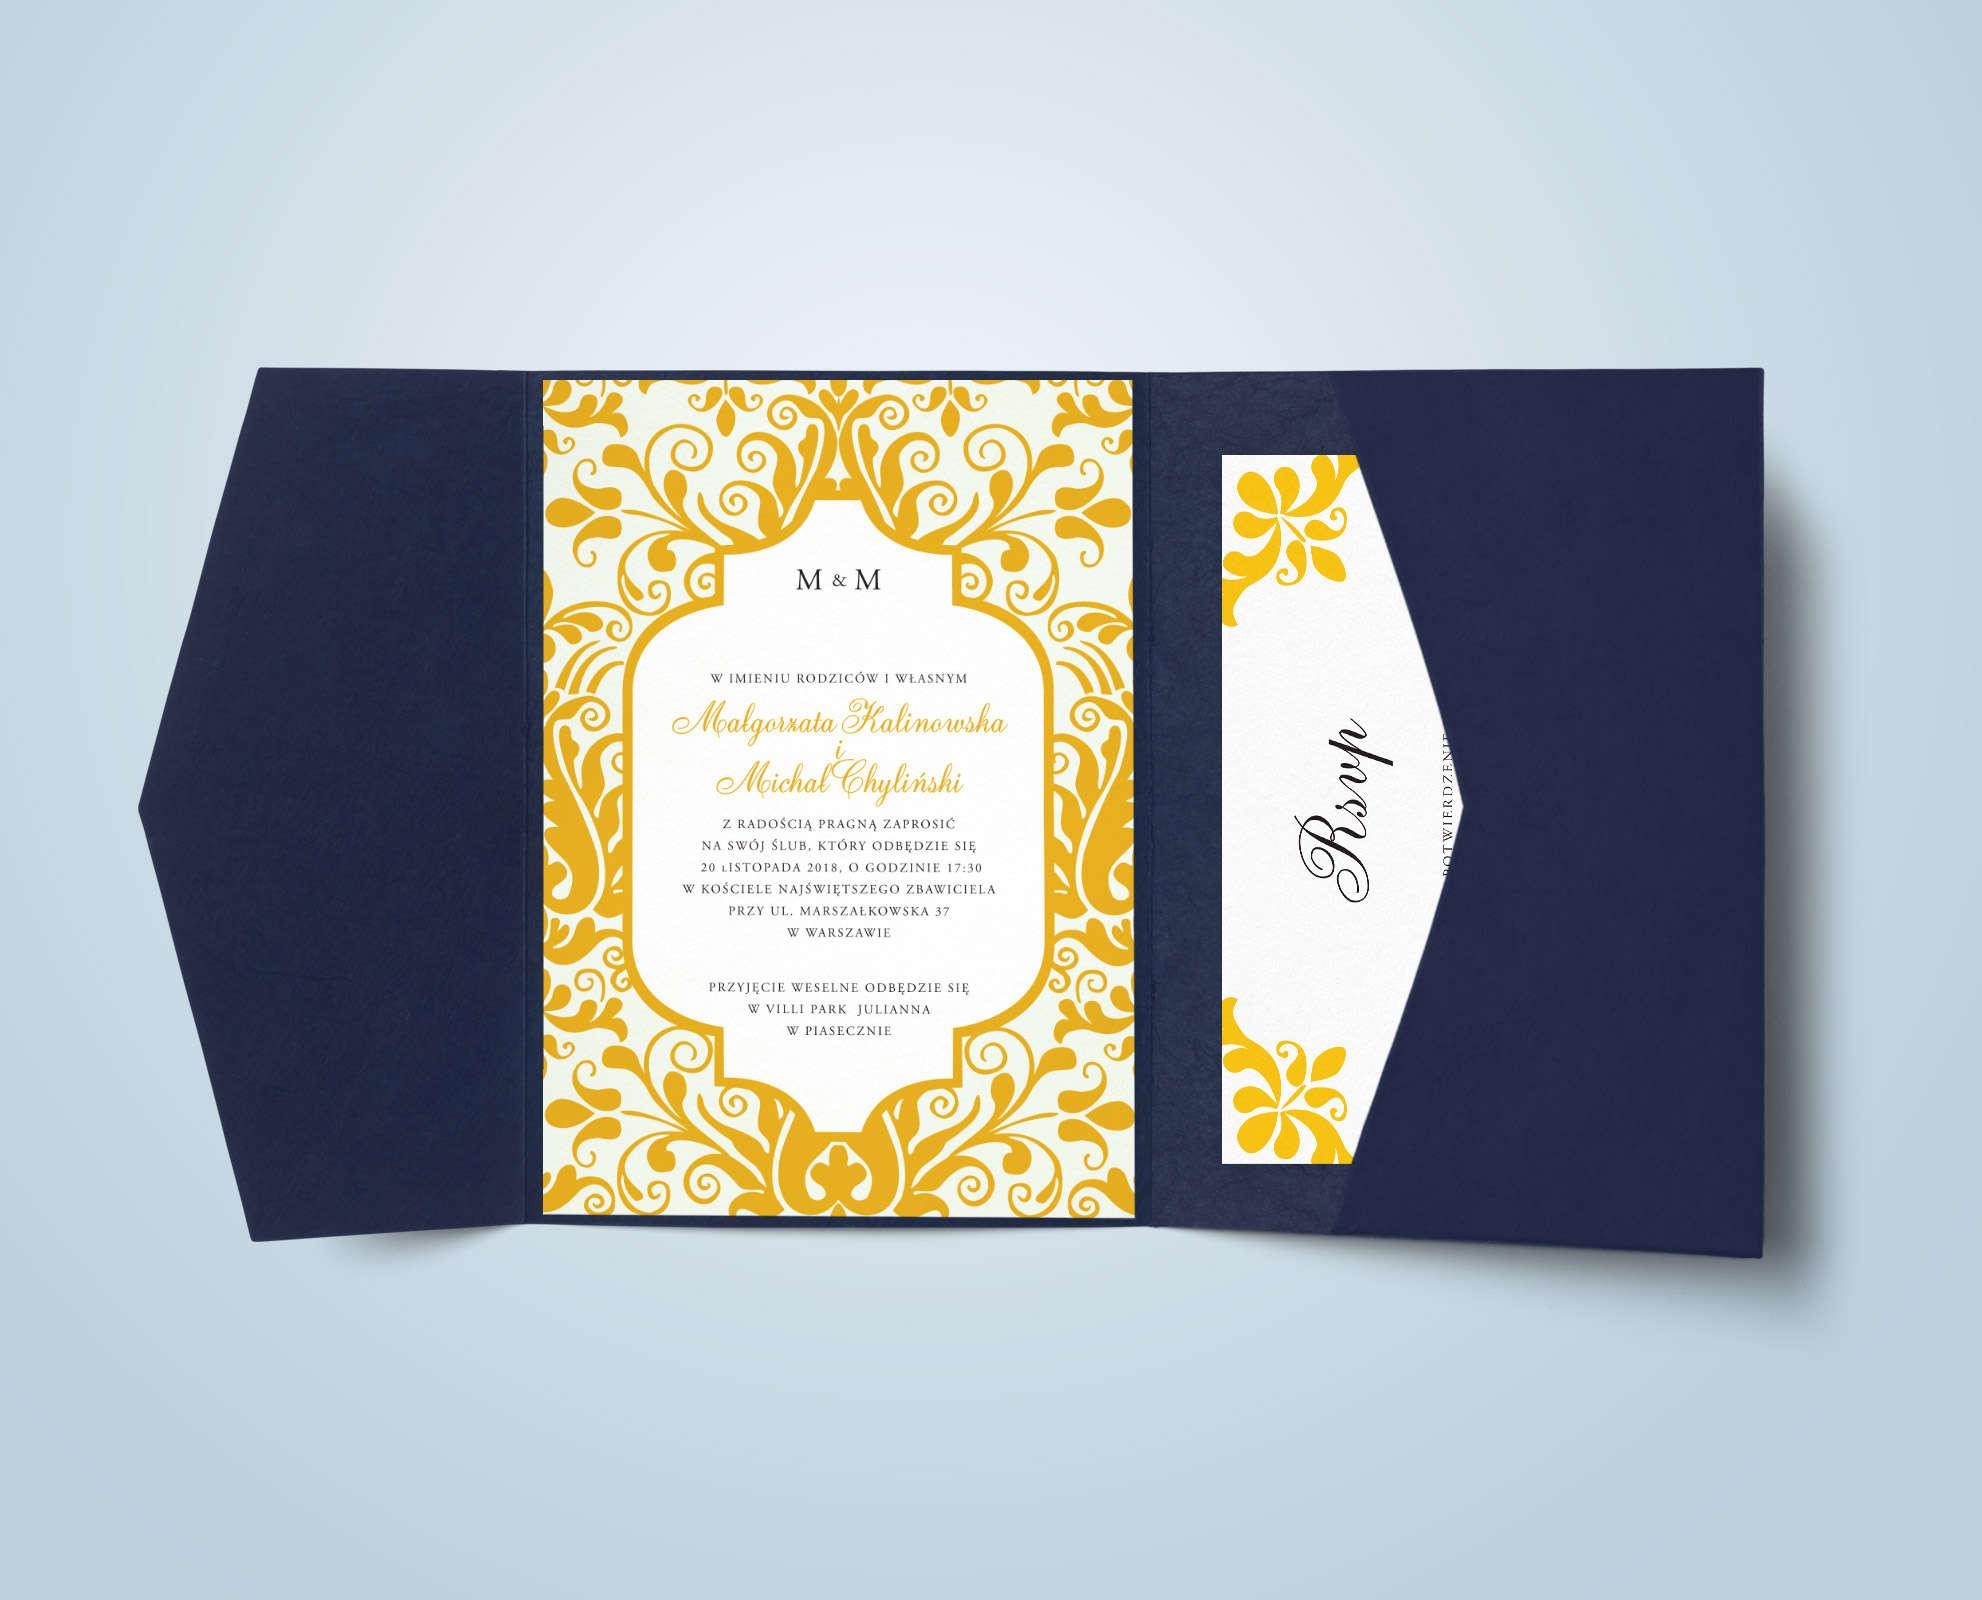 Zaproszenie w pięknym żółtym kolorze z ozdobnymi ornamentami